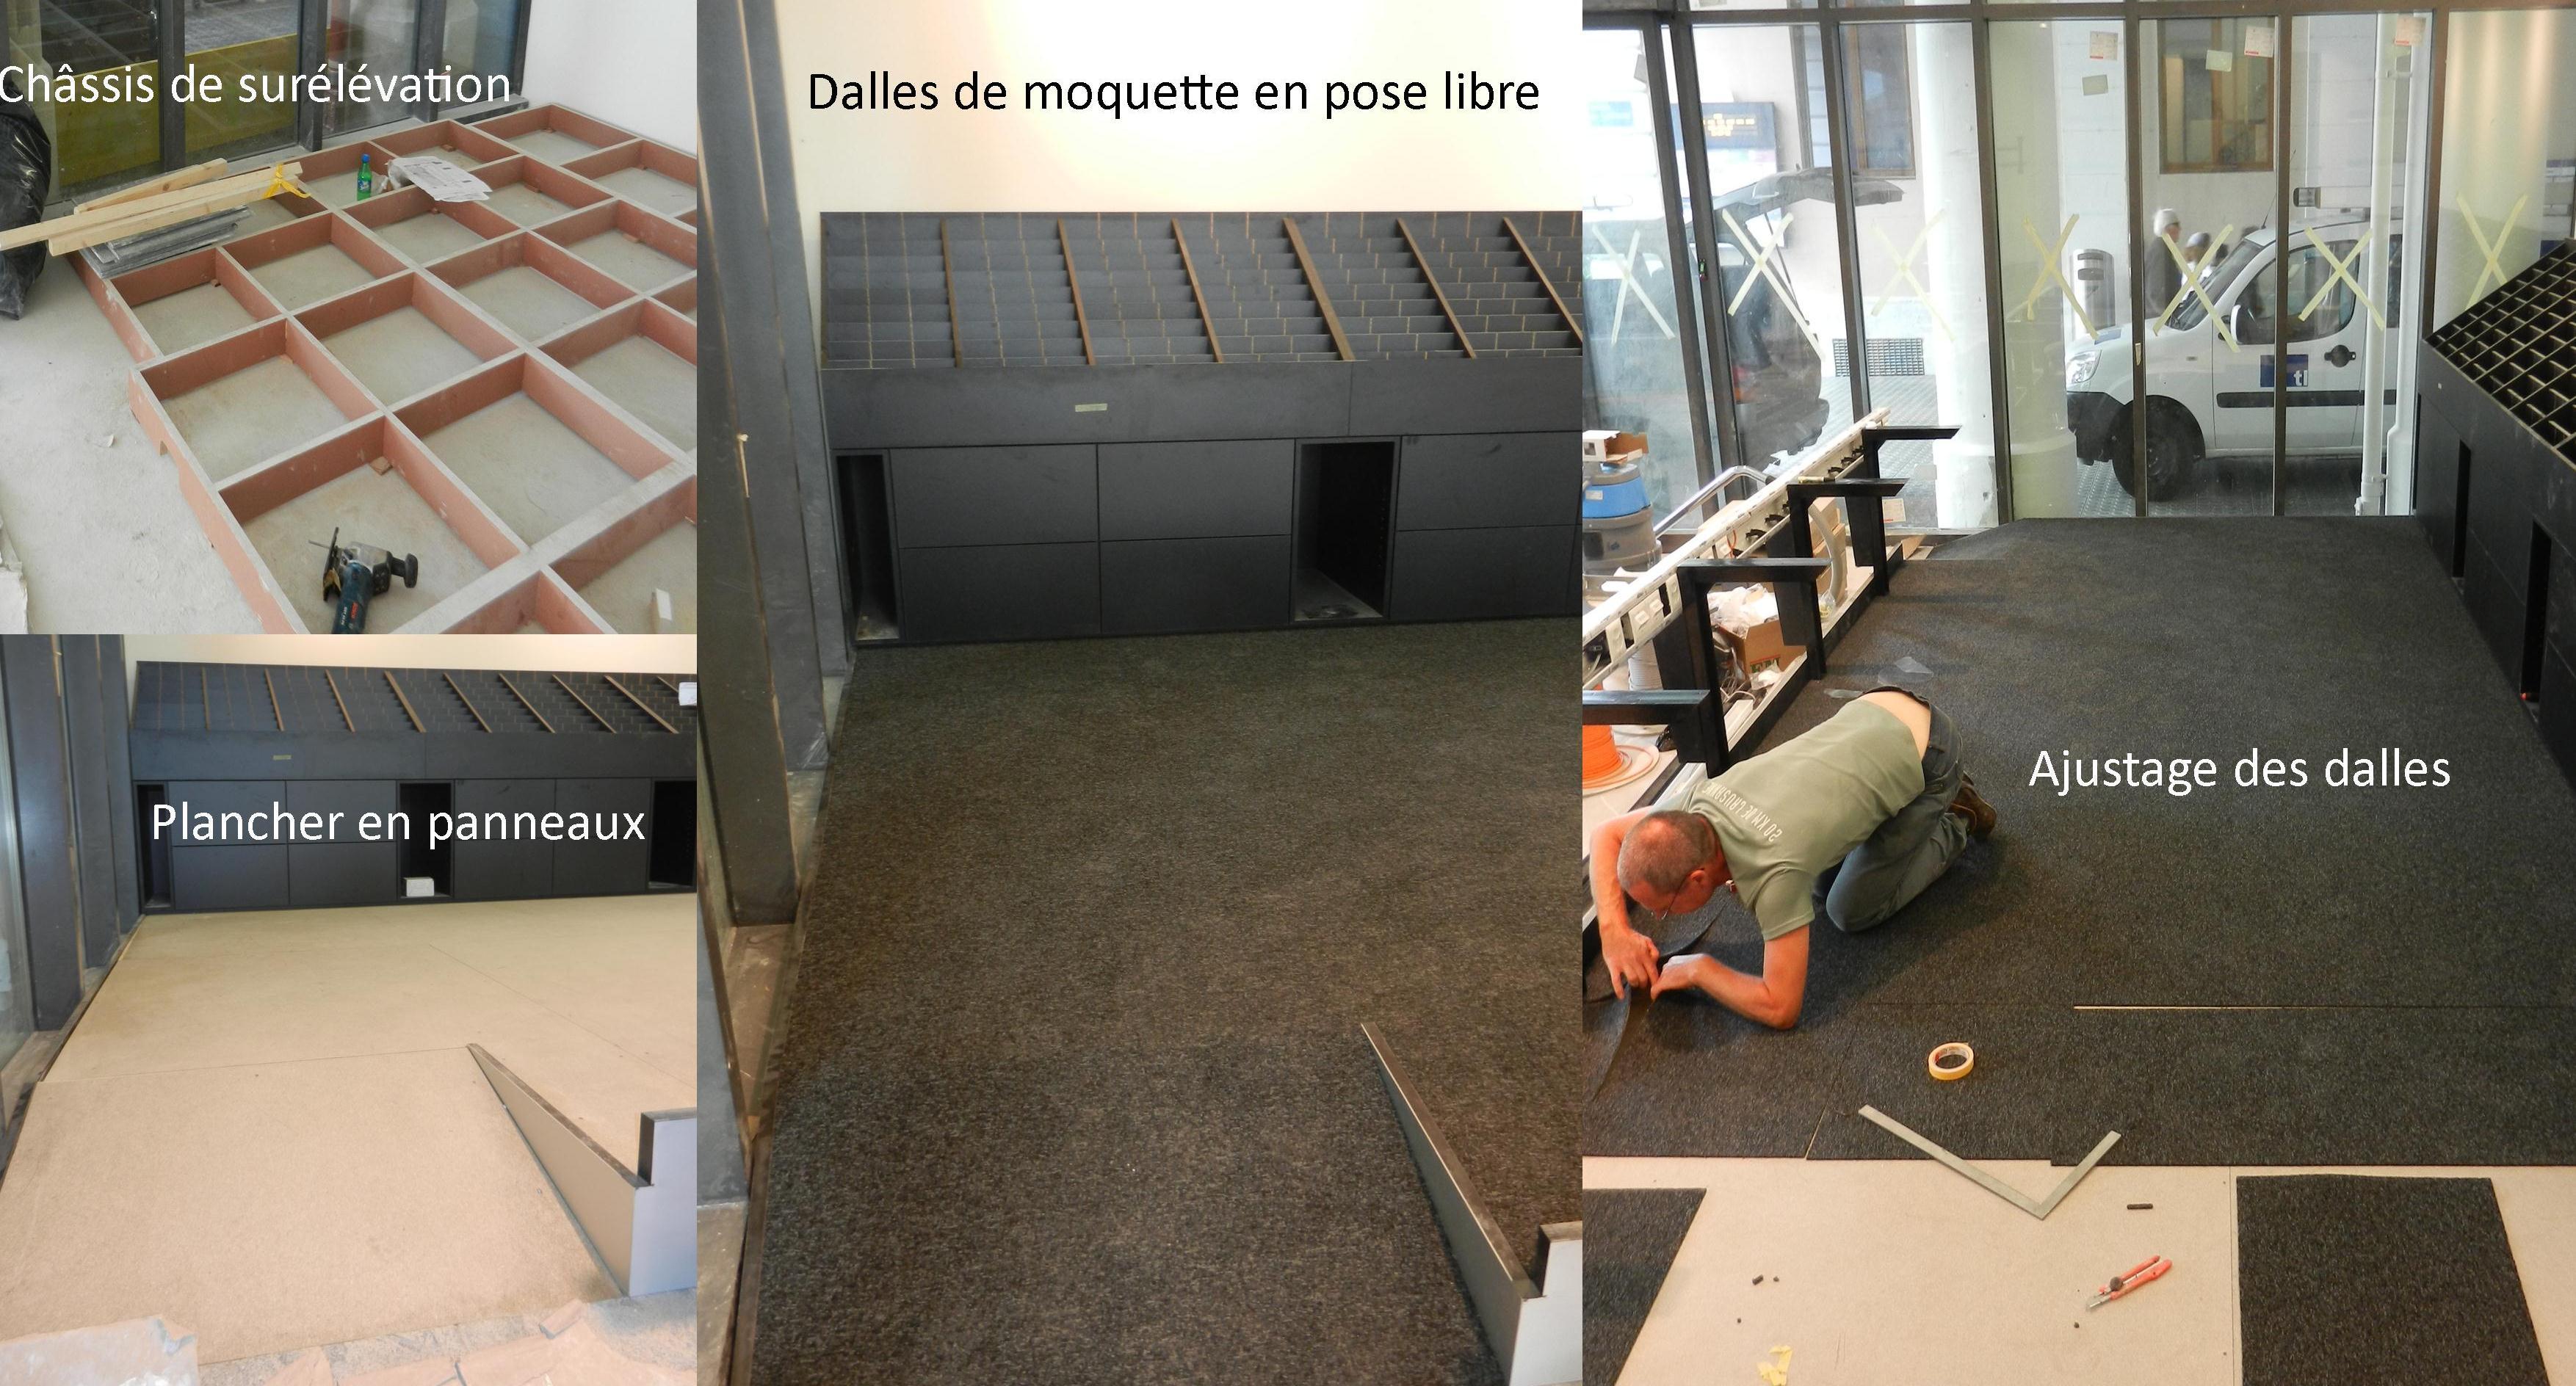 Cr a sol s rl r f dalles de moquette for Moquette de bureau